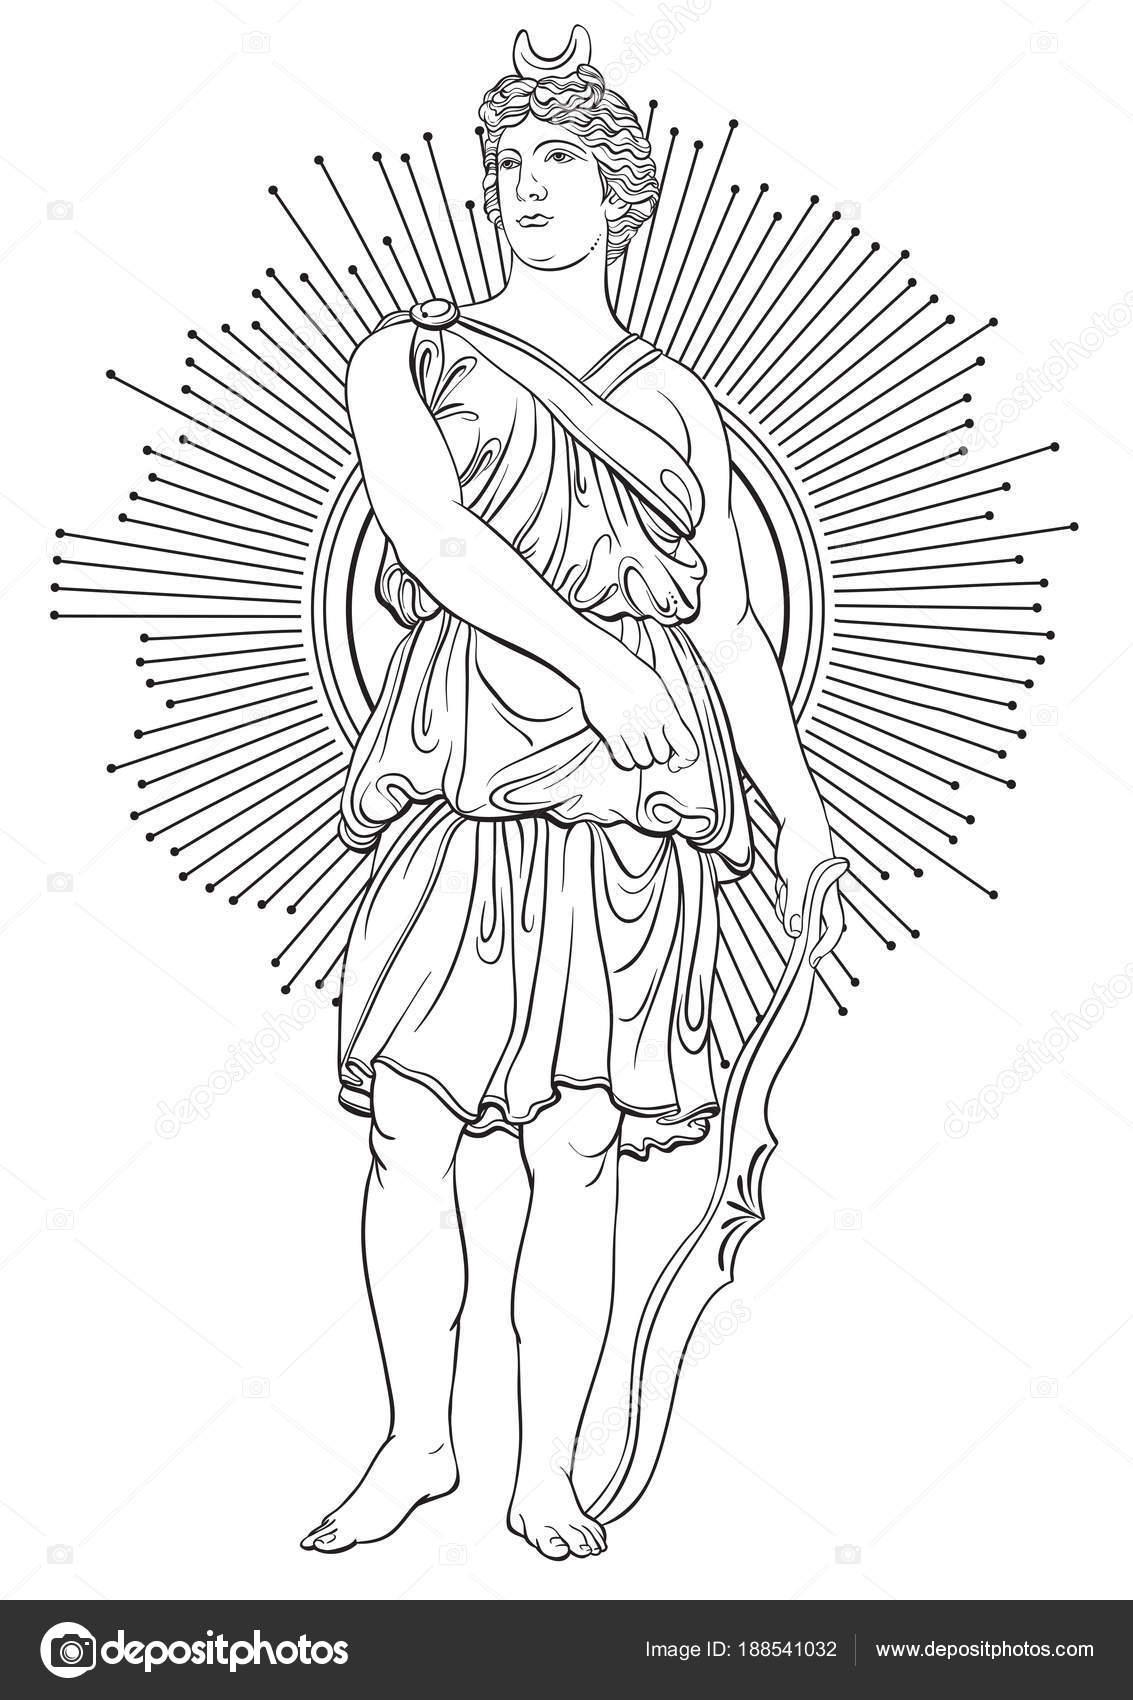 Diosa griega de la guerra con arco de flechas. Arte popular en ...